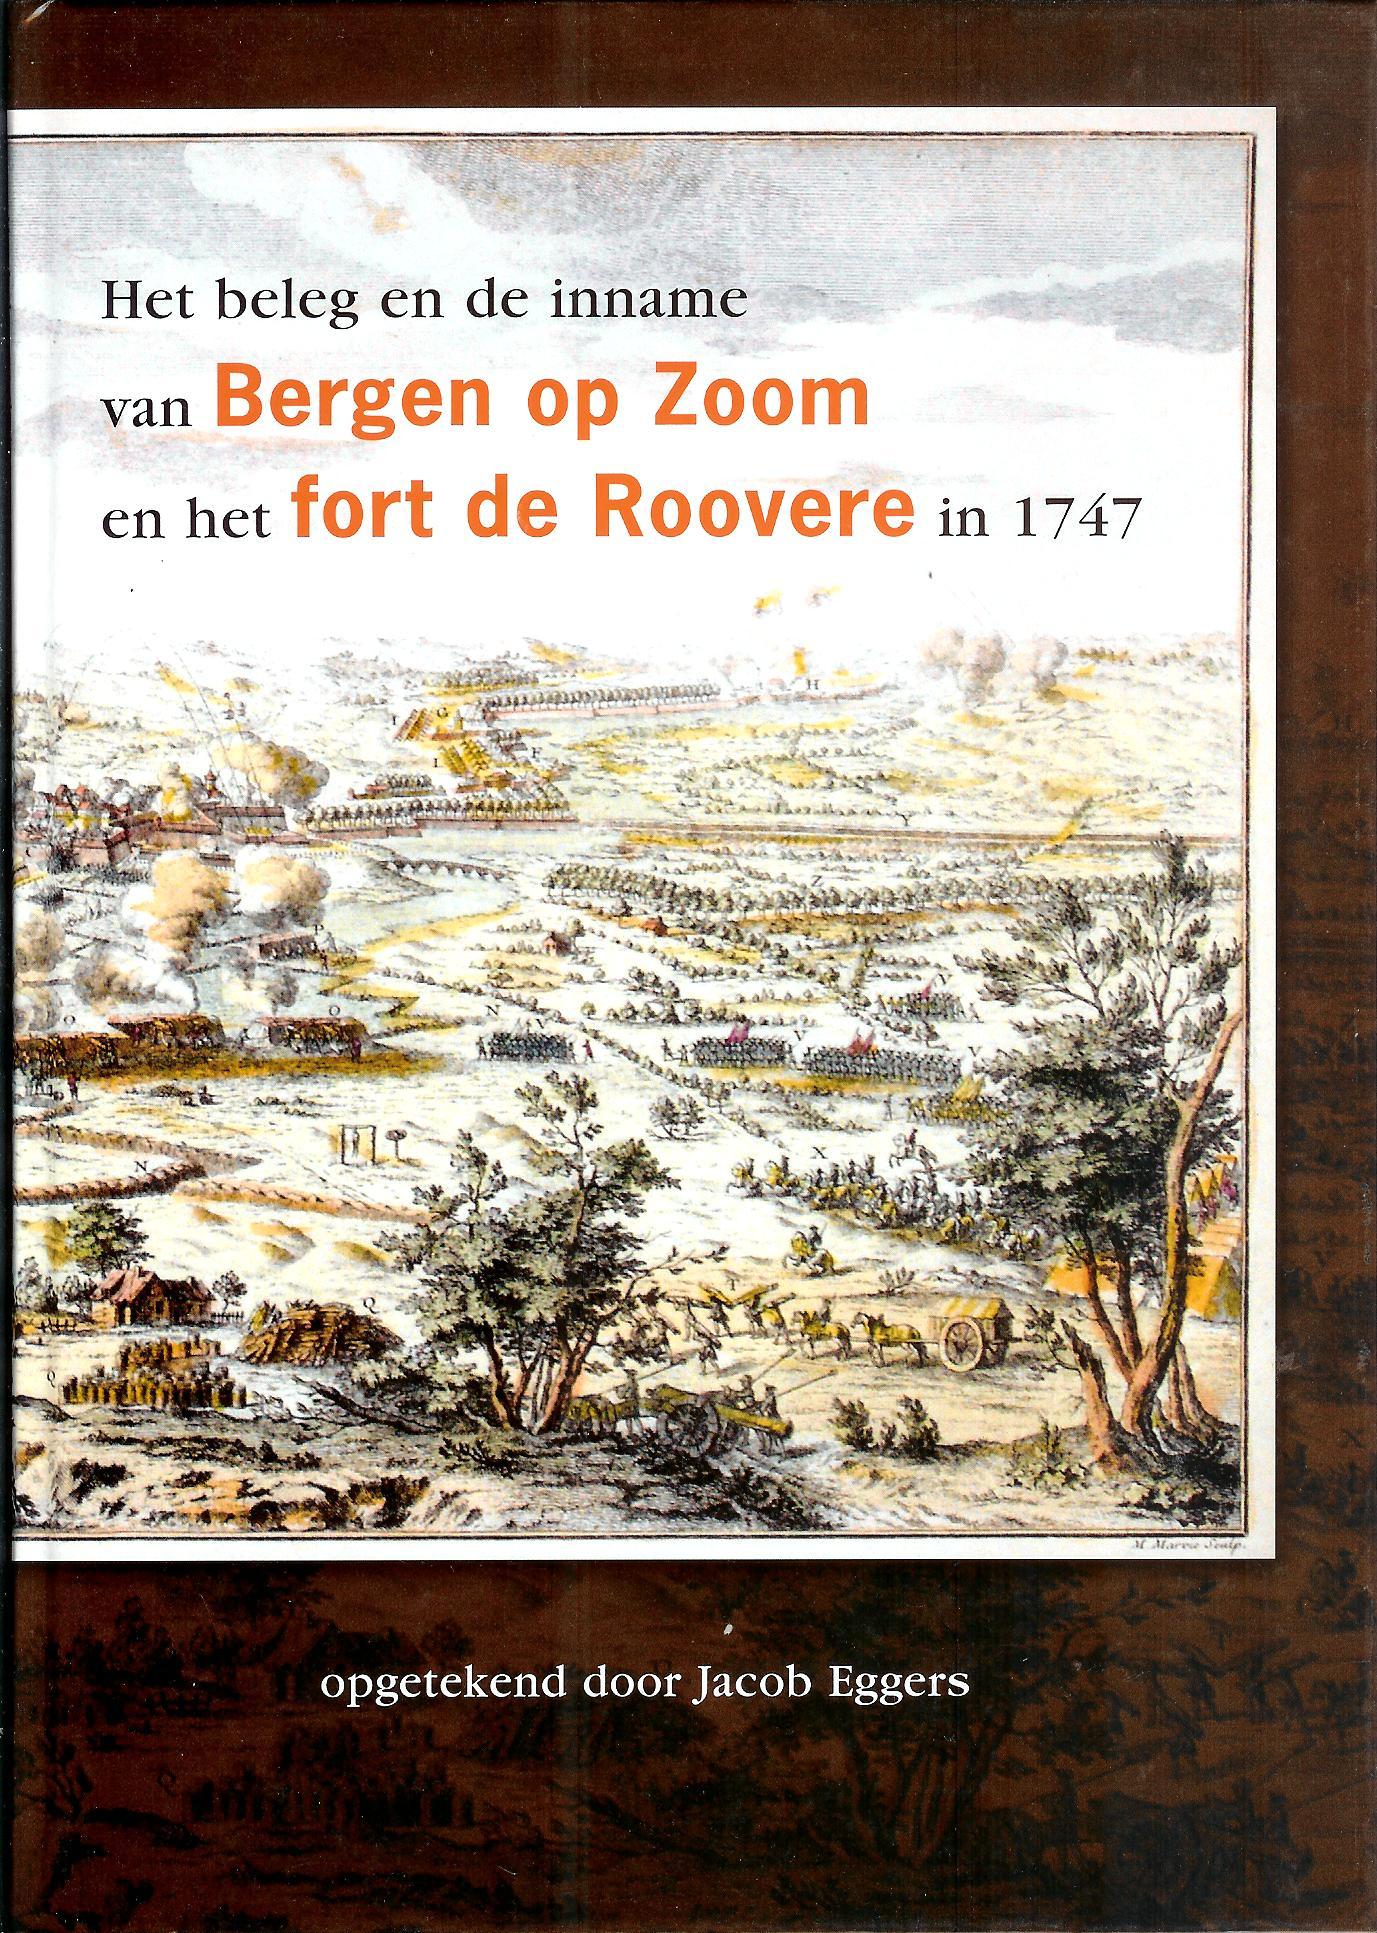 2007 Het beleg en de inname van Bergen op Zoom in 1747 J Eggers